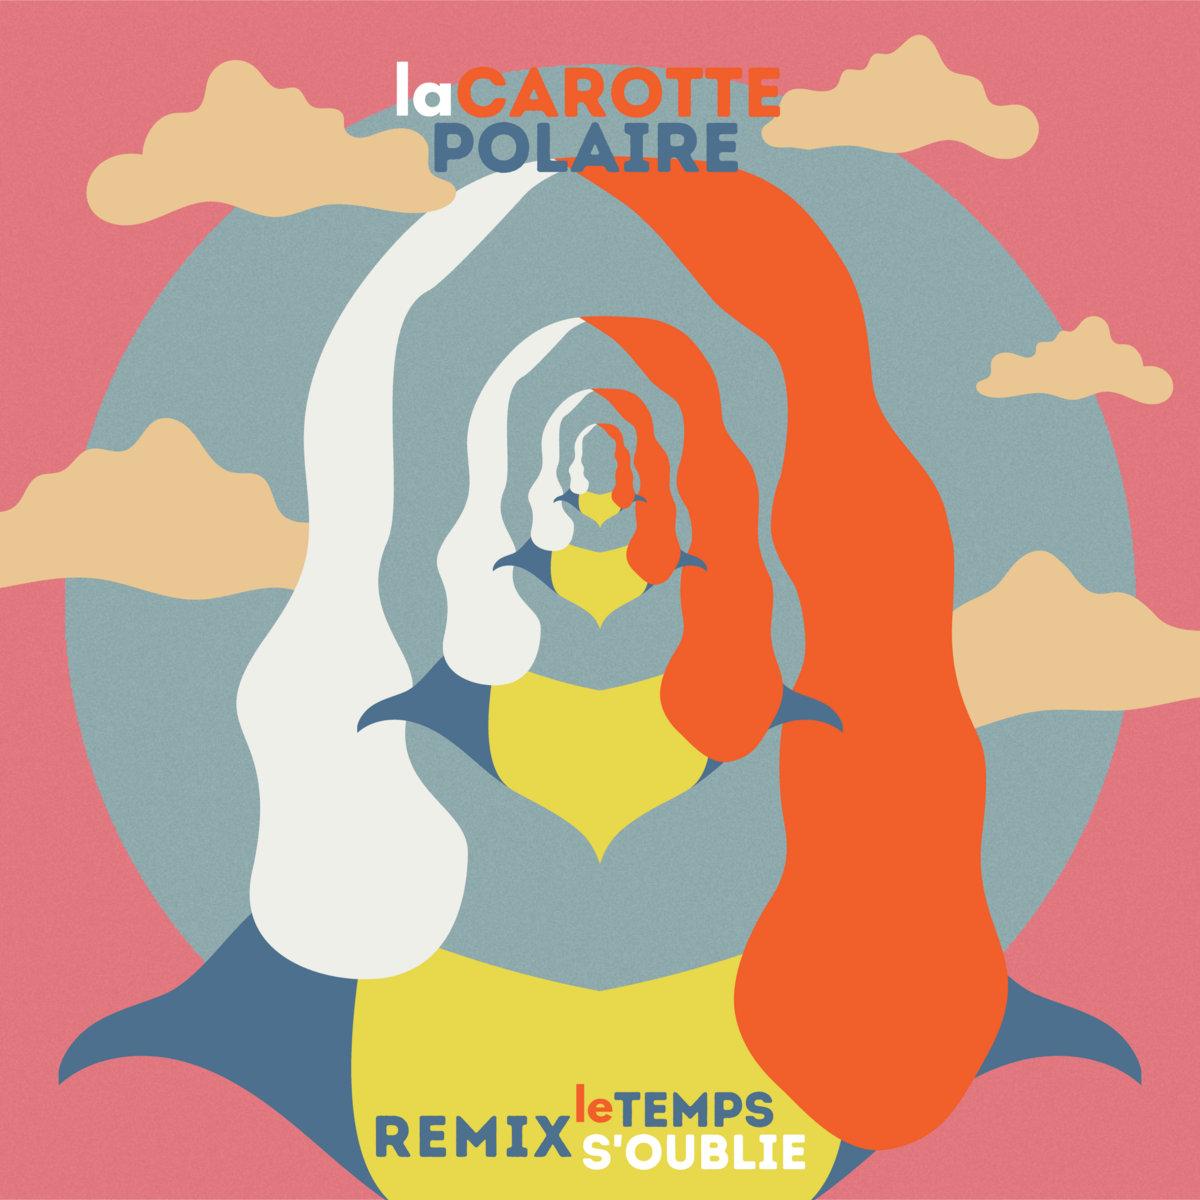 Le temps s'oublie (Remix) by La Carotte Polaire